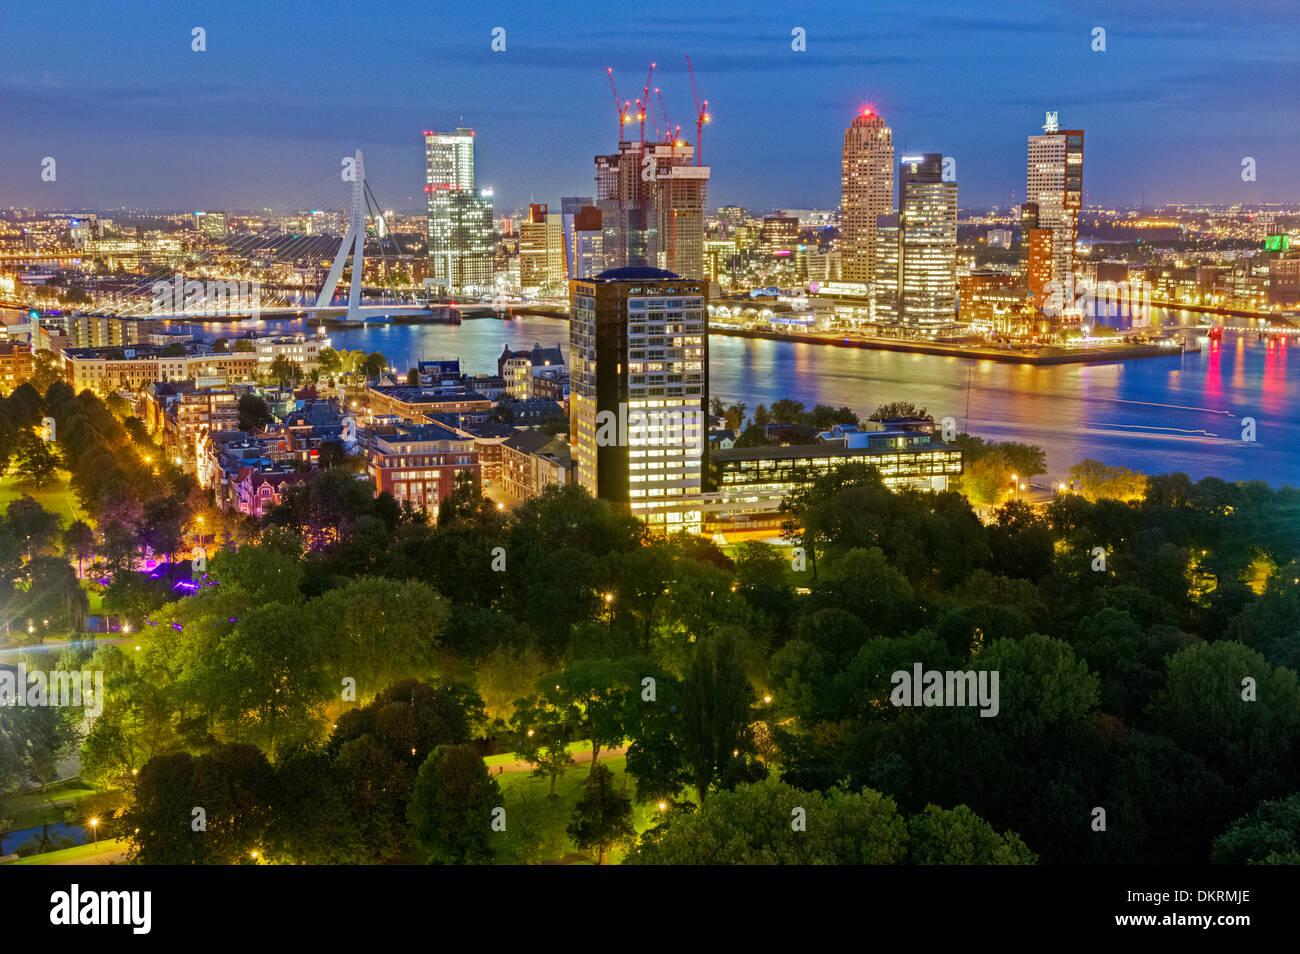 Skyline en Rotterdam, Países Bajos noche Imagen De Stock